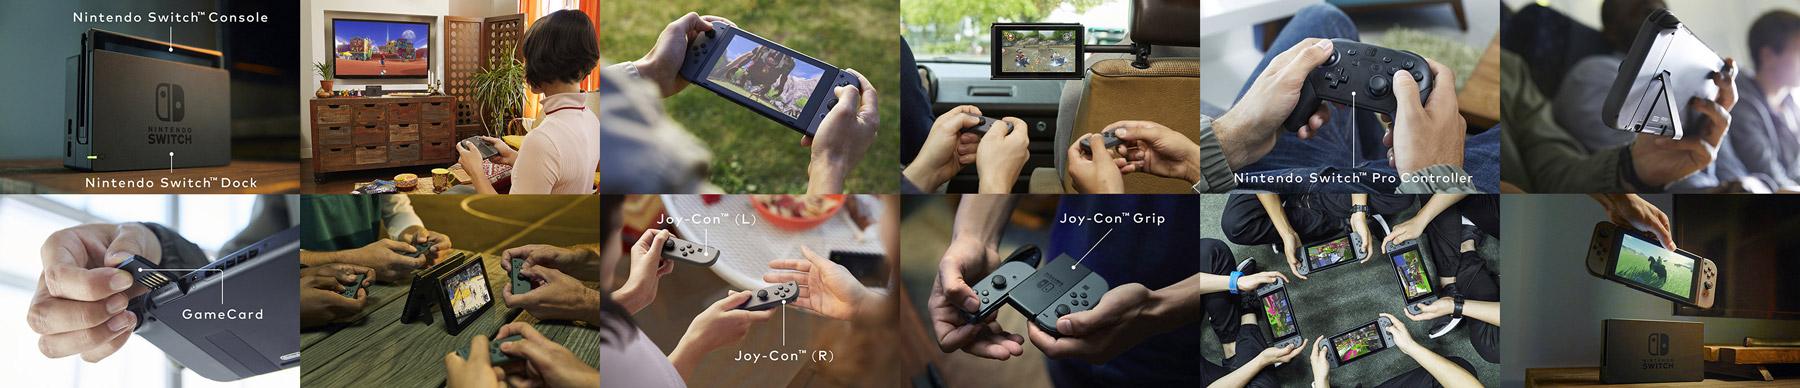 Nintendo Switch e seus vários componentes